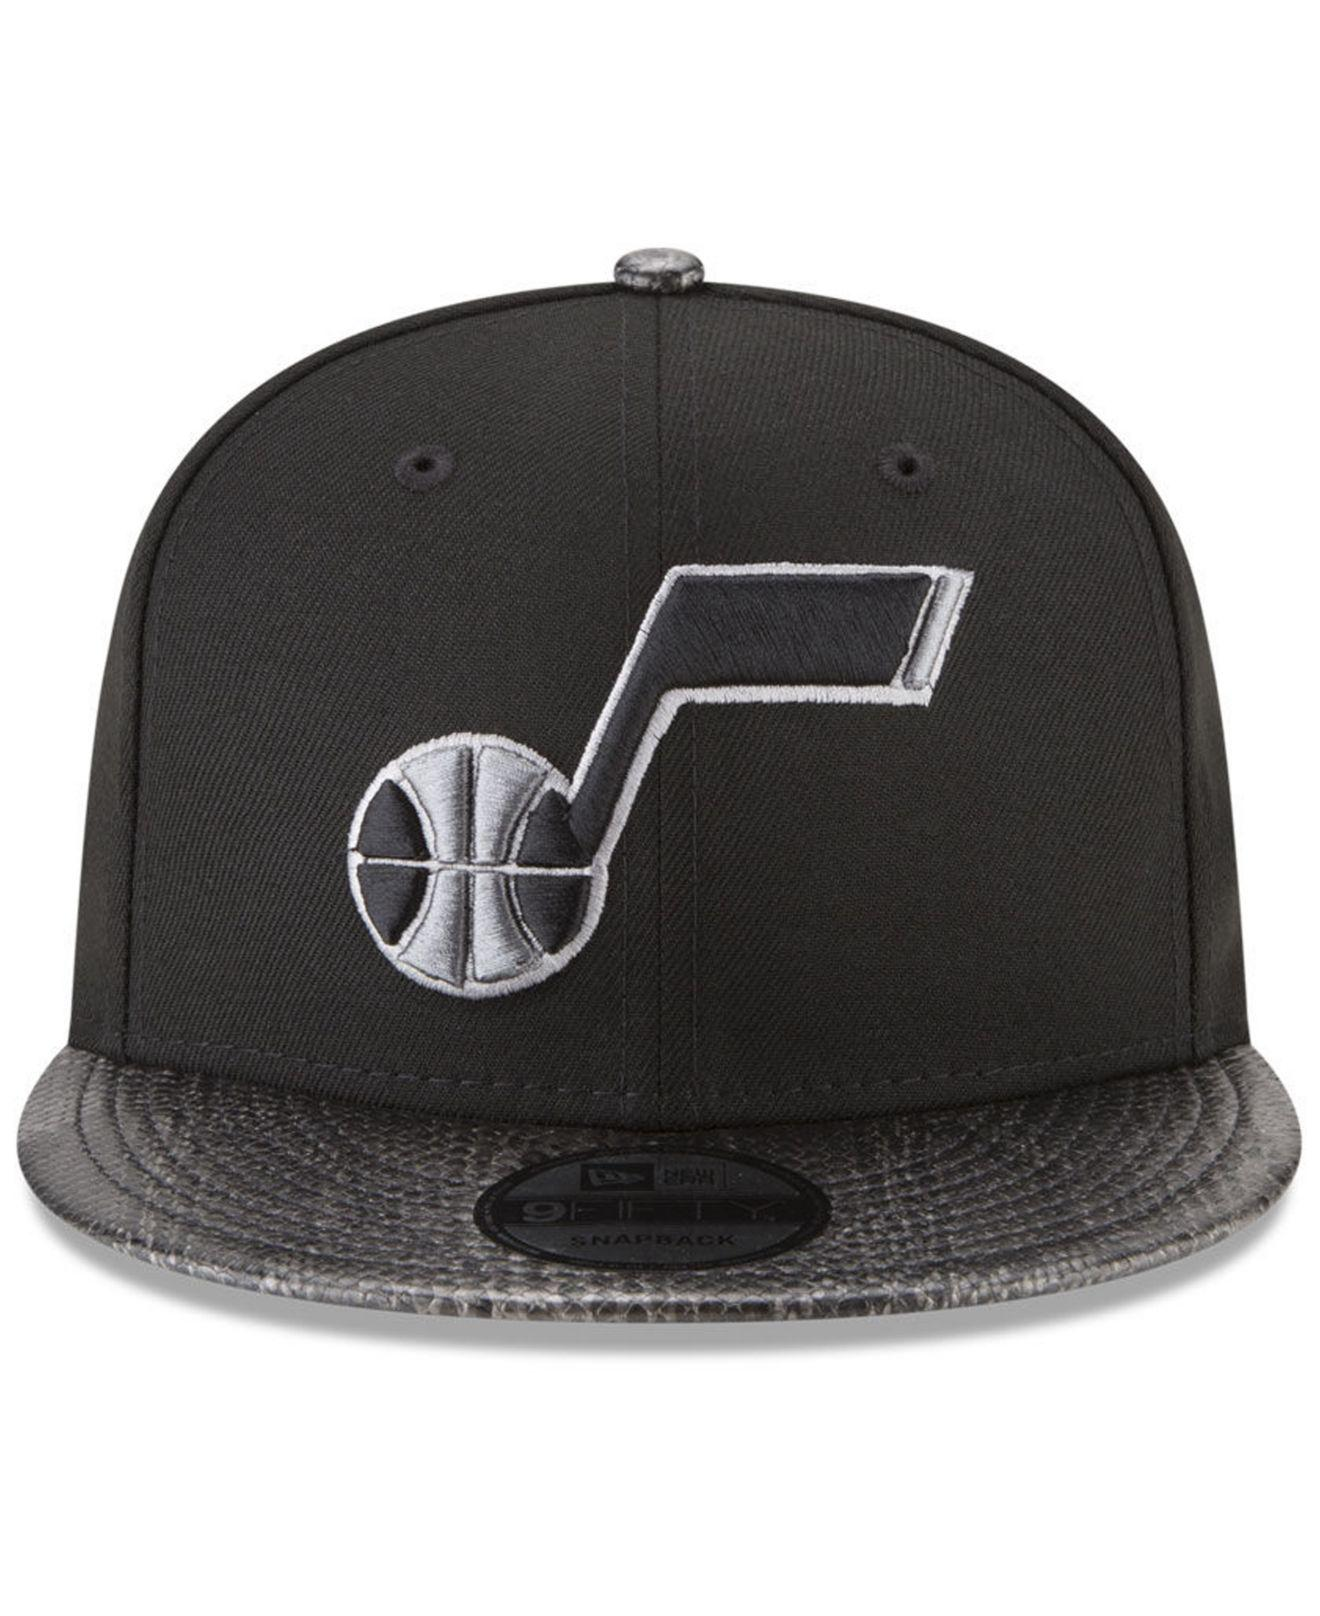 new style 4926e 747b6 ... sweden lyst ktz utah jazz snakeskin sleek 9fifty snapback cap in black  for men 05f17 75c49